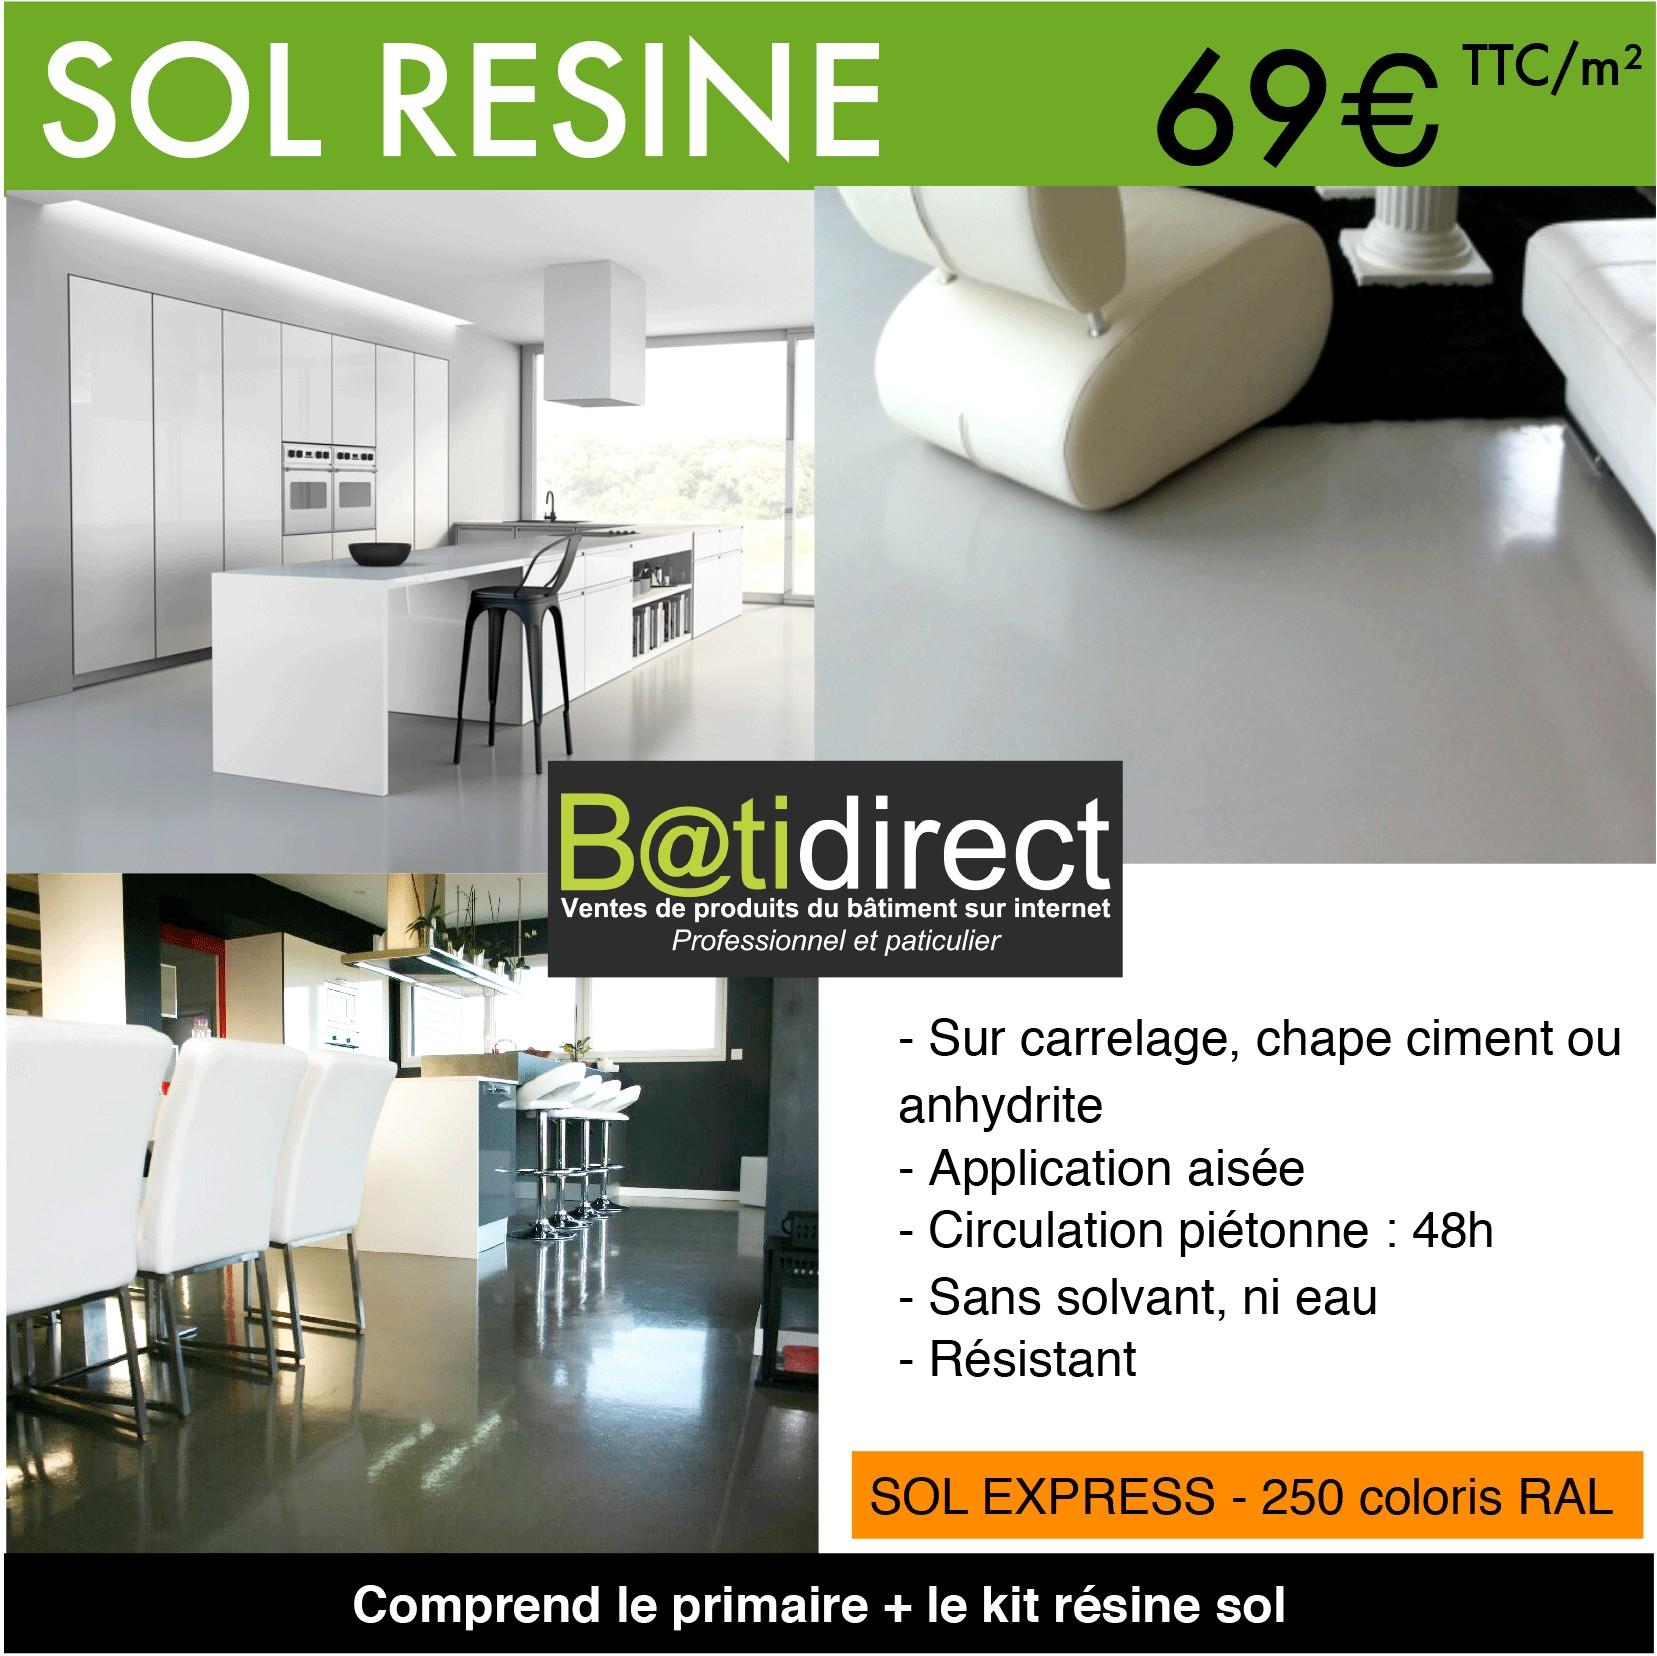 Resine Epoxy Sol Interieur kit résine autolissante pour sol - sol'express - batidirect